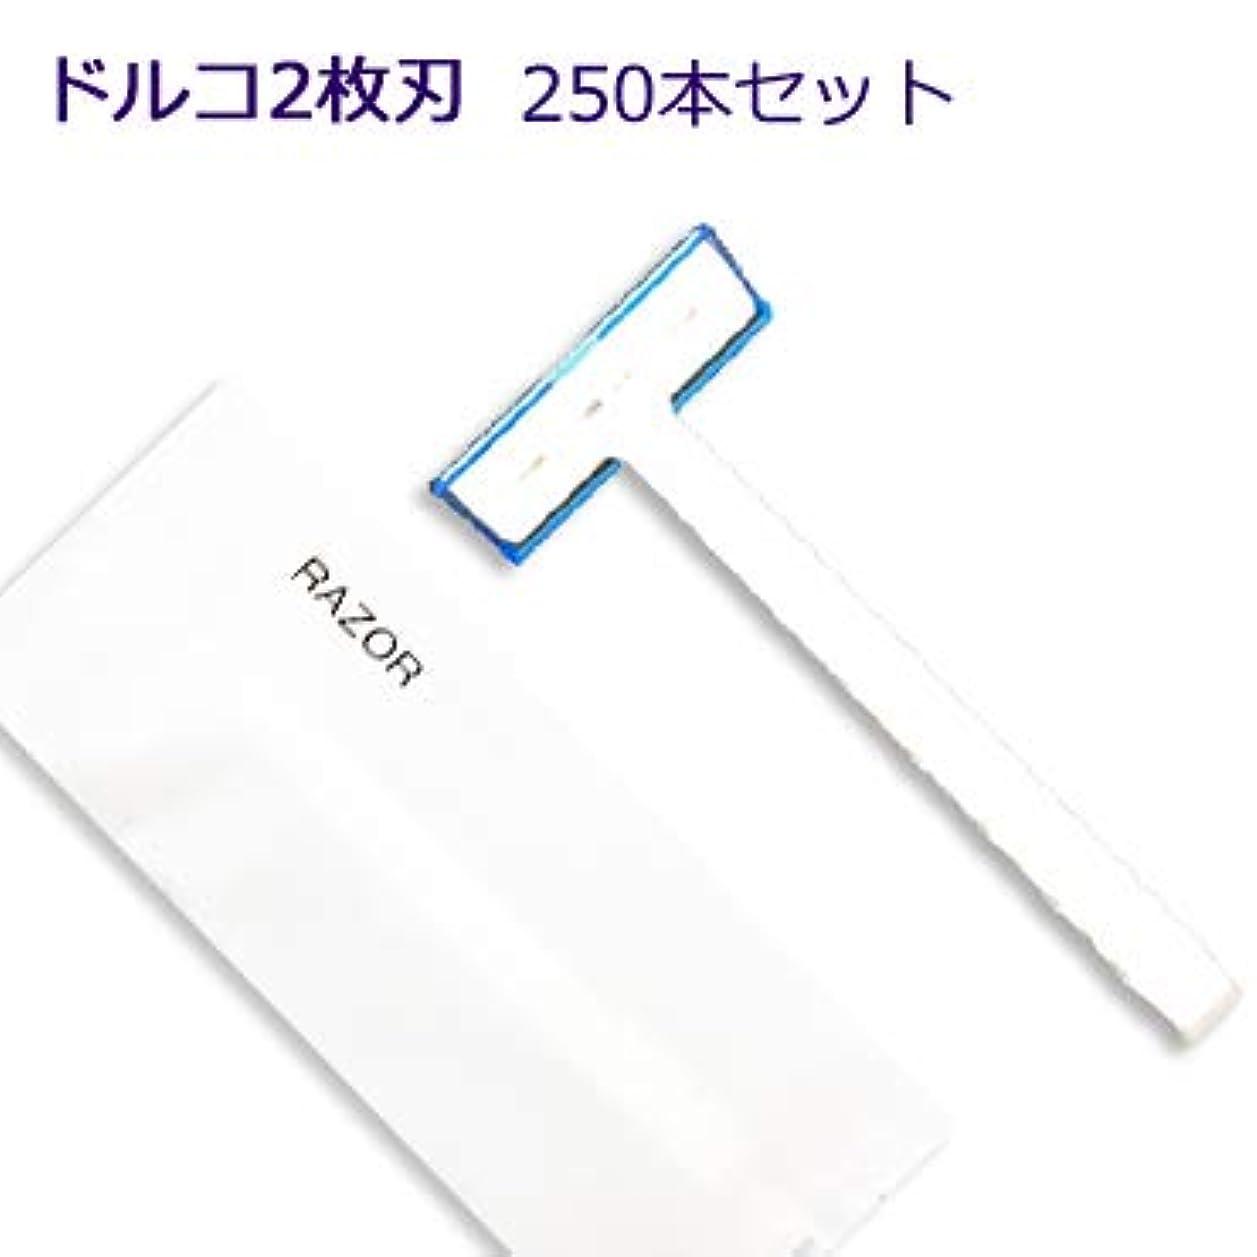 小康重要誇張するホテル業務用 カミソリ マットシリーズ ドルコ 2枚刃 (1セット250個入)